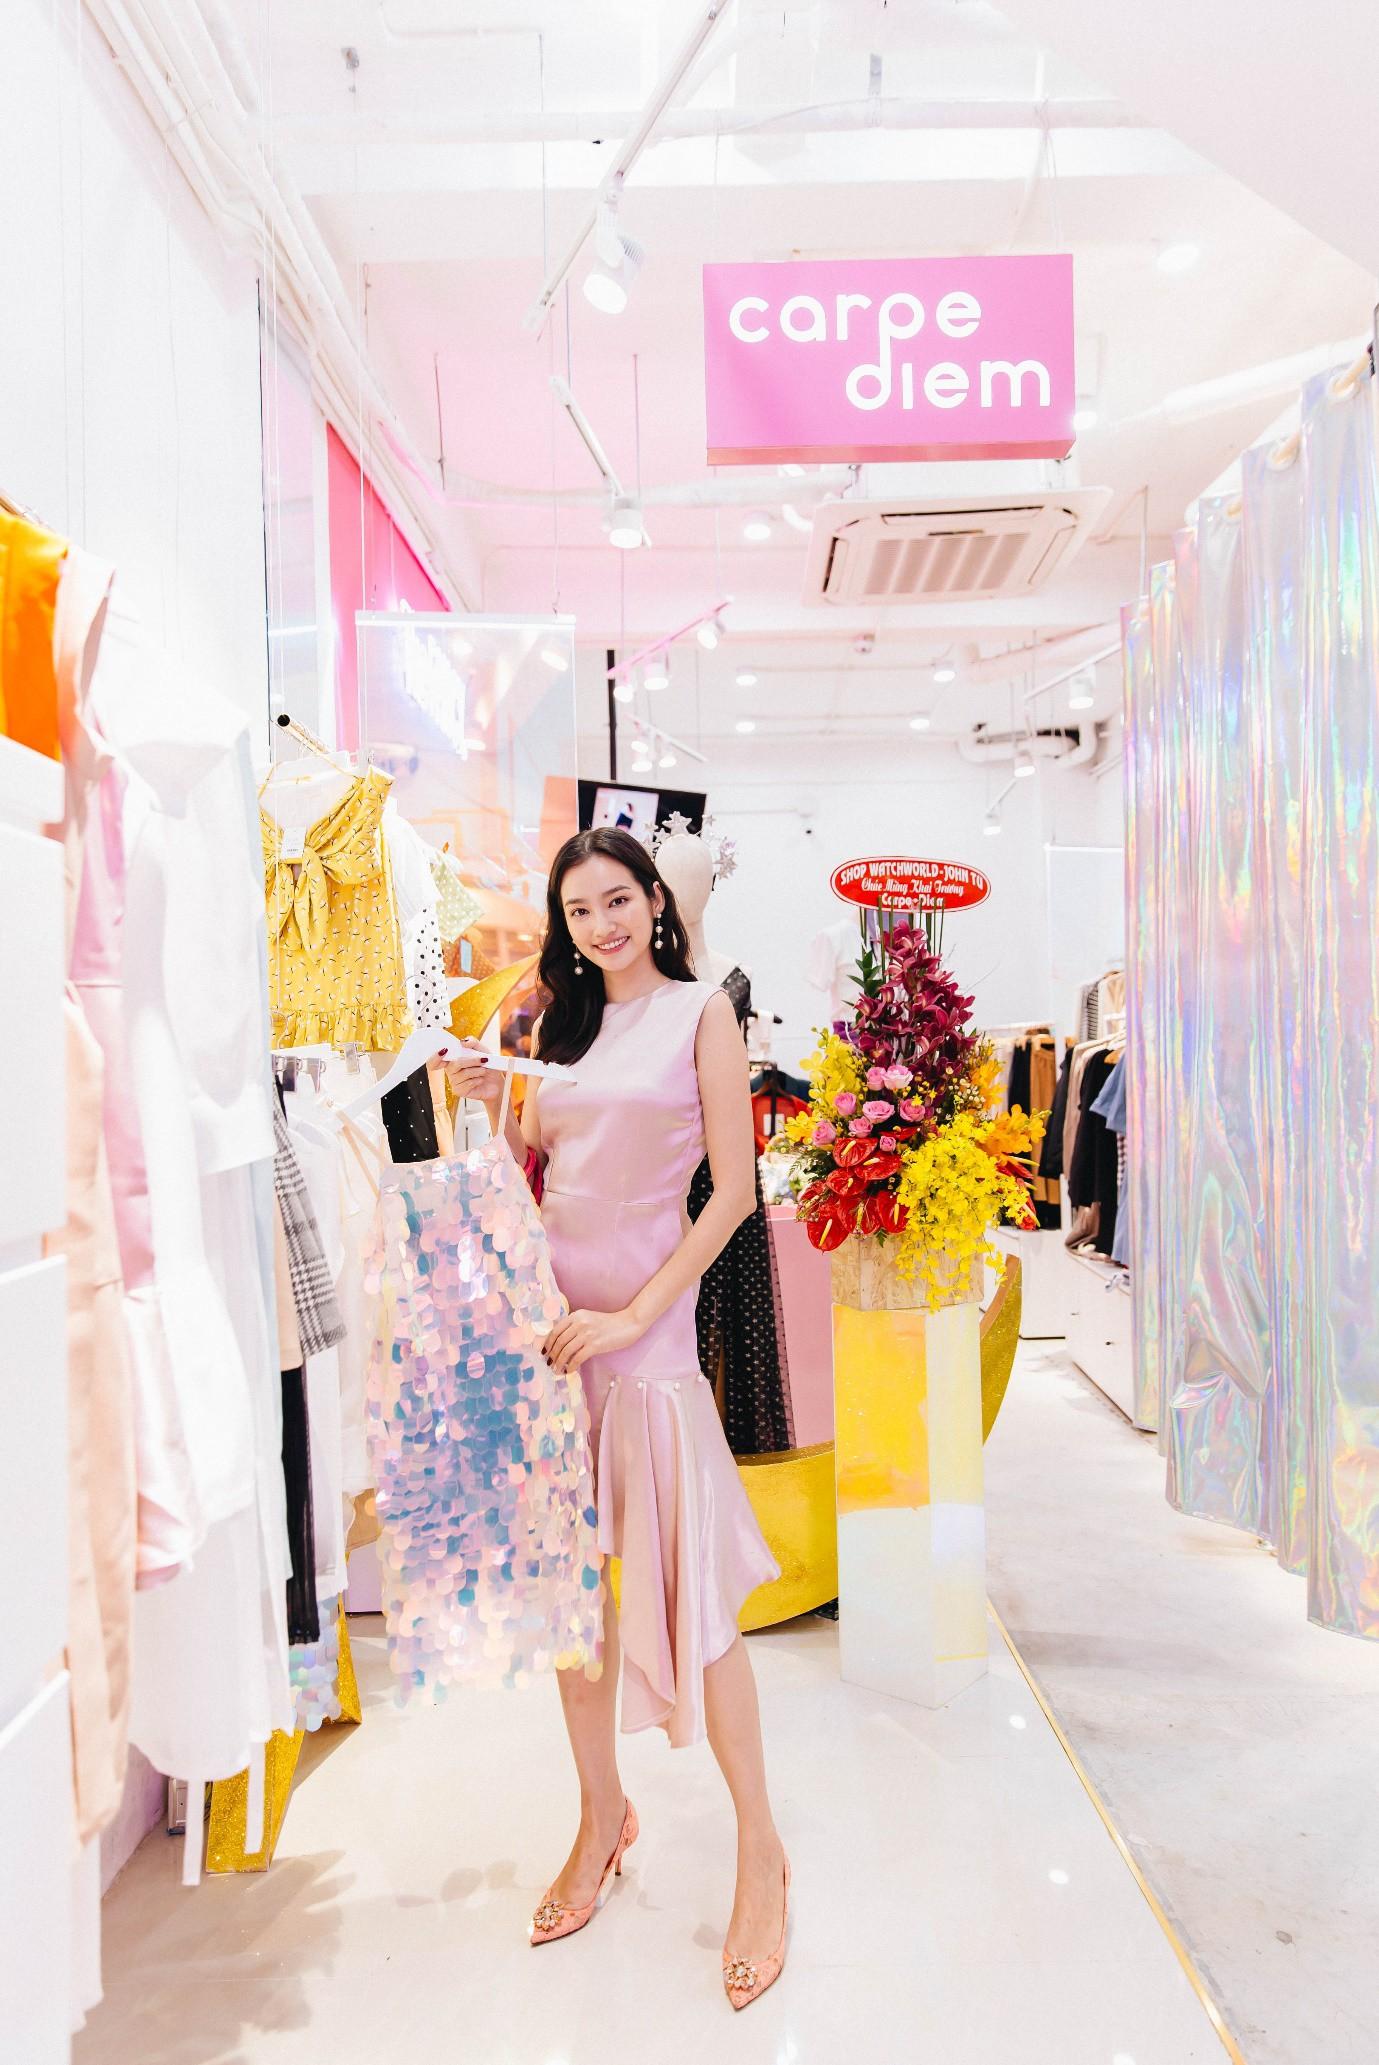 Lạc vào khu tổ hợp thời trang cực chất tại Sài Gòn - Ảnh 5.